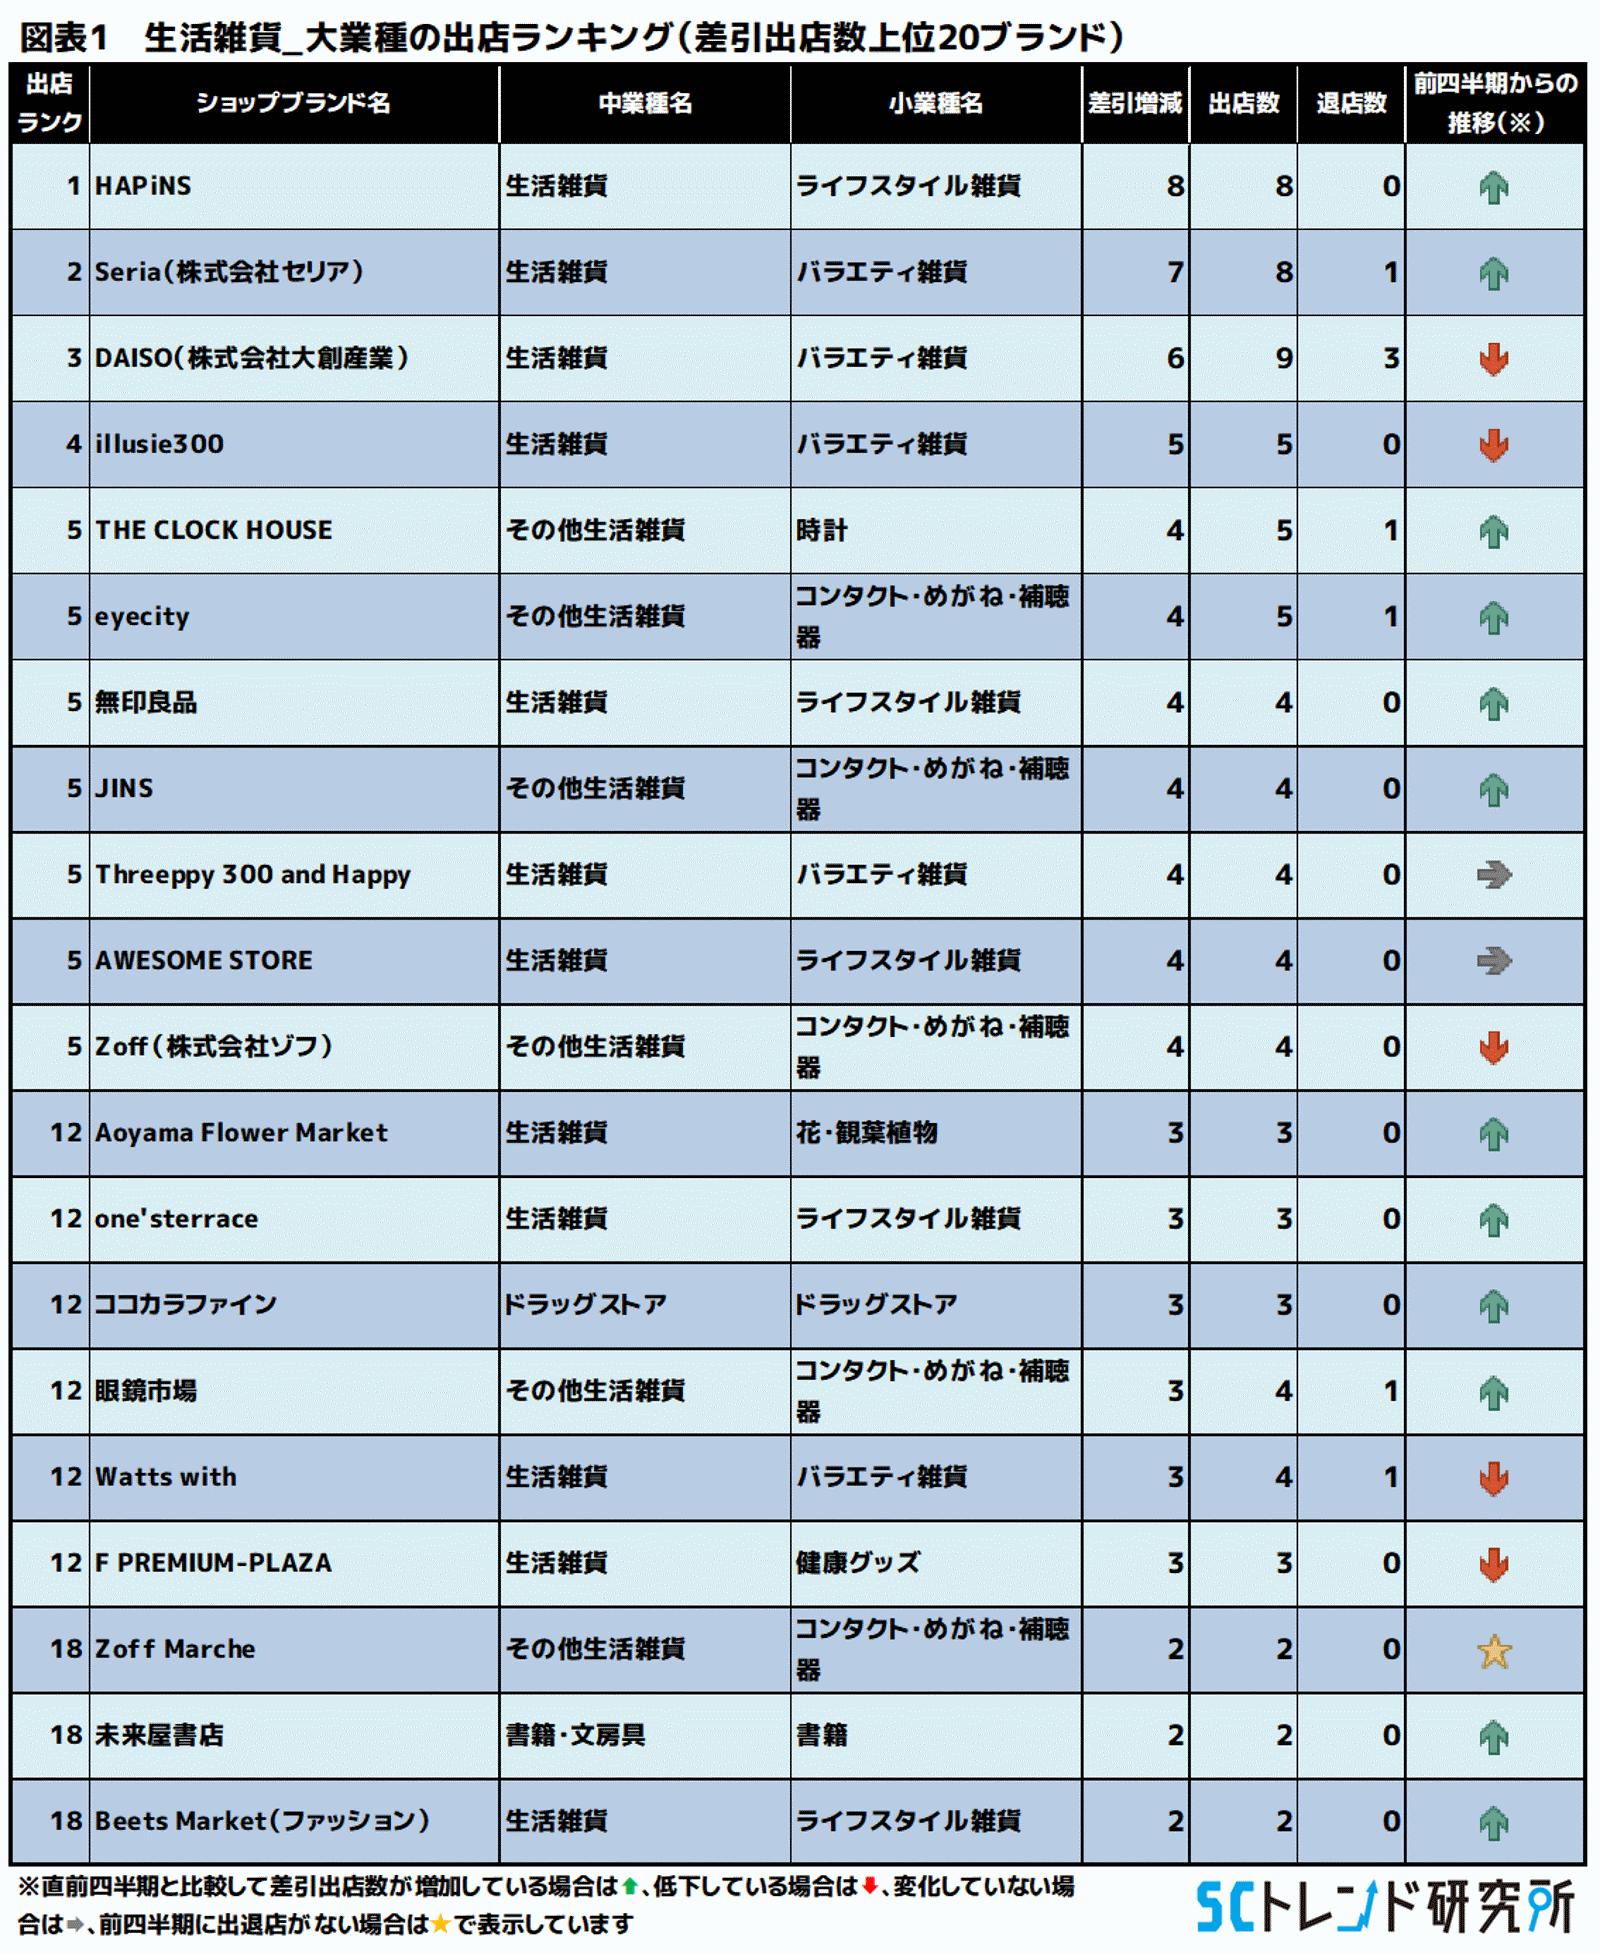 図表1 生活雑貨_大業種の出店ランキング(差引出店数上位20ブランド)